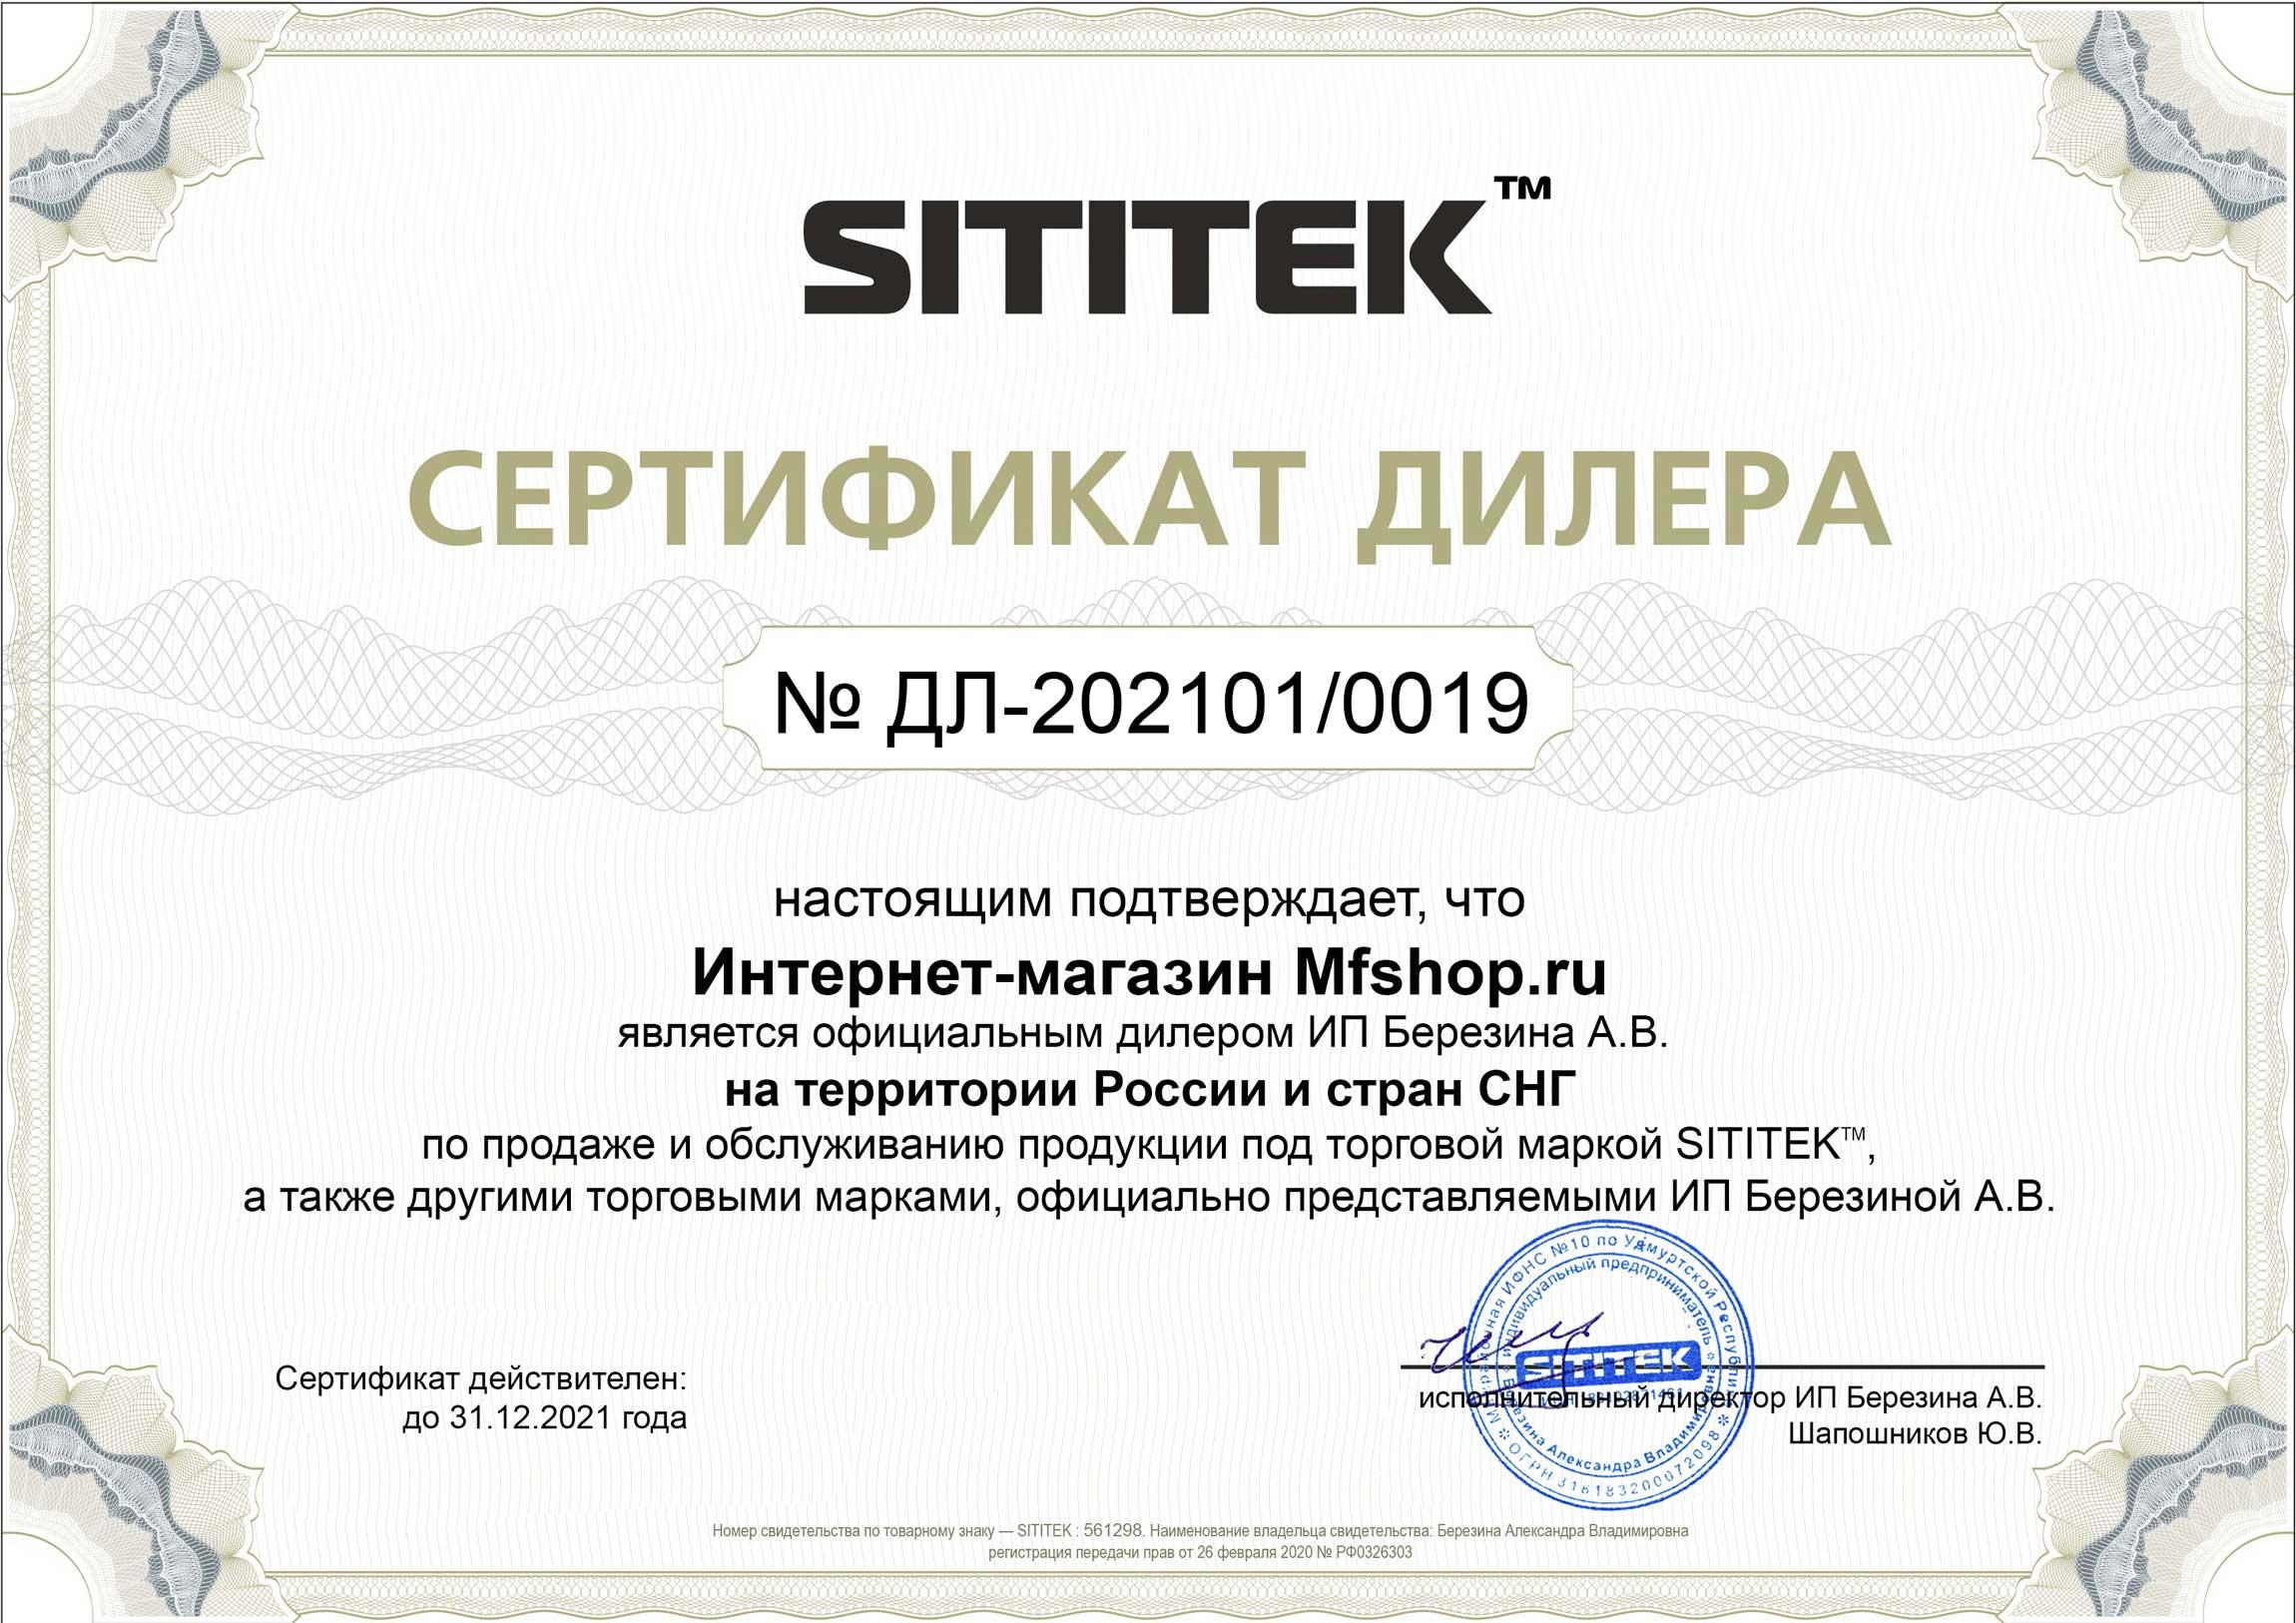 Сертификат дилера на право реализации продукции компании